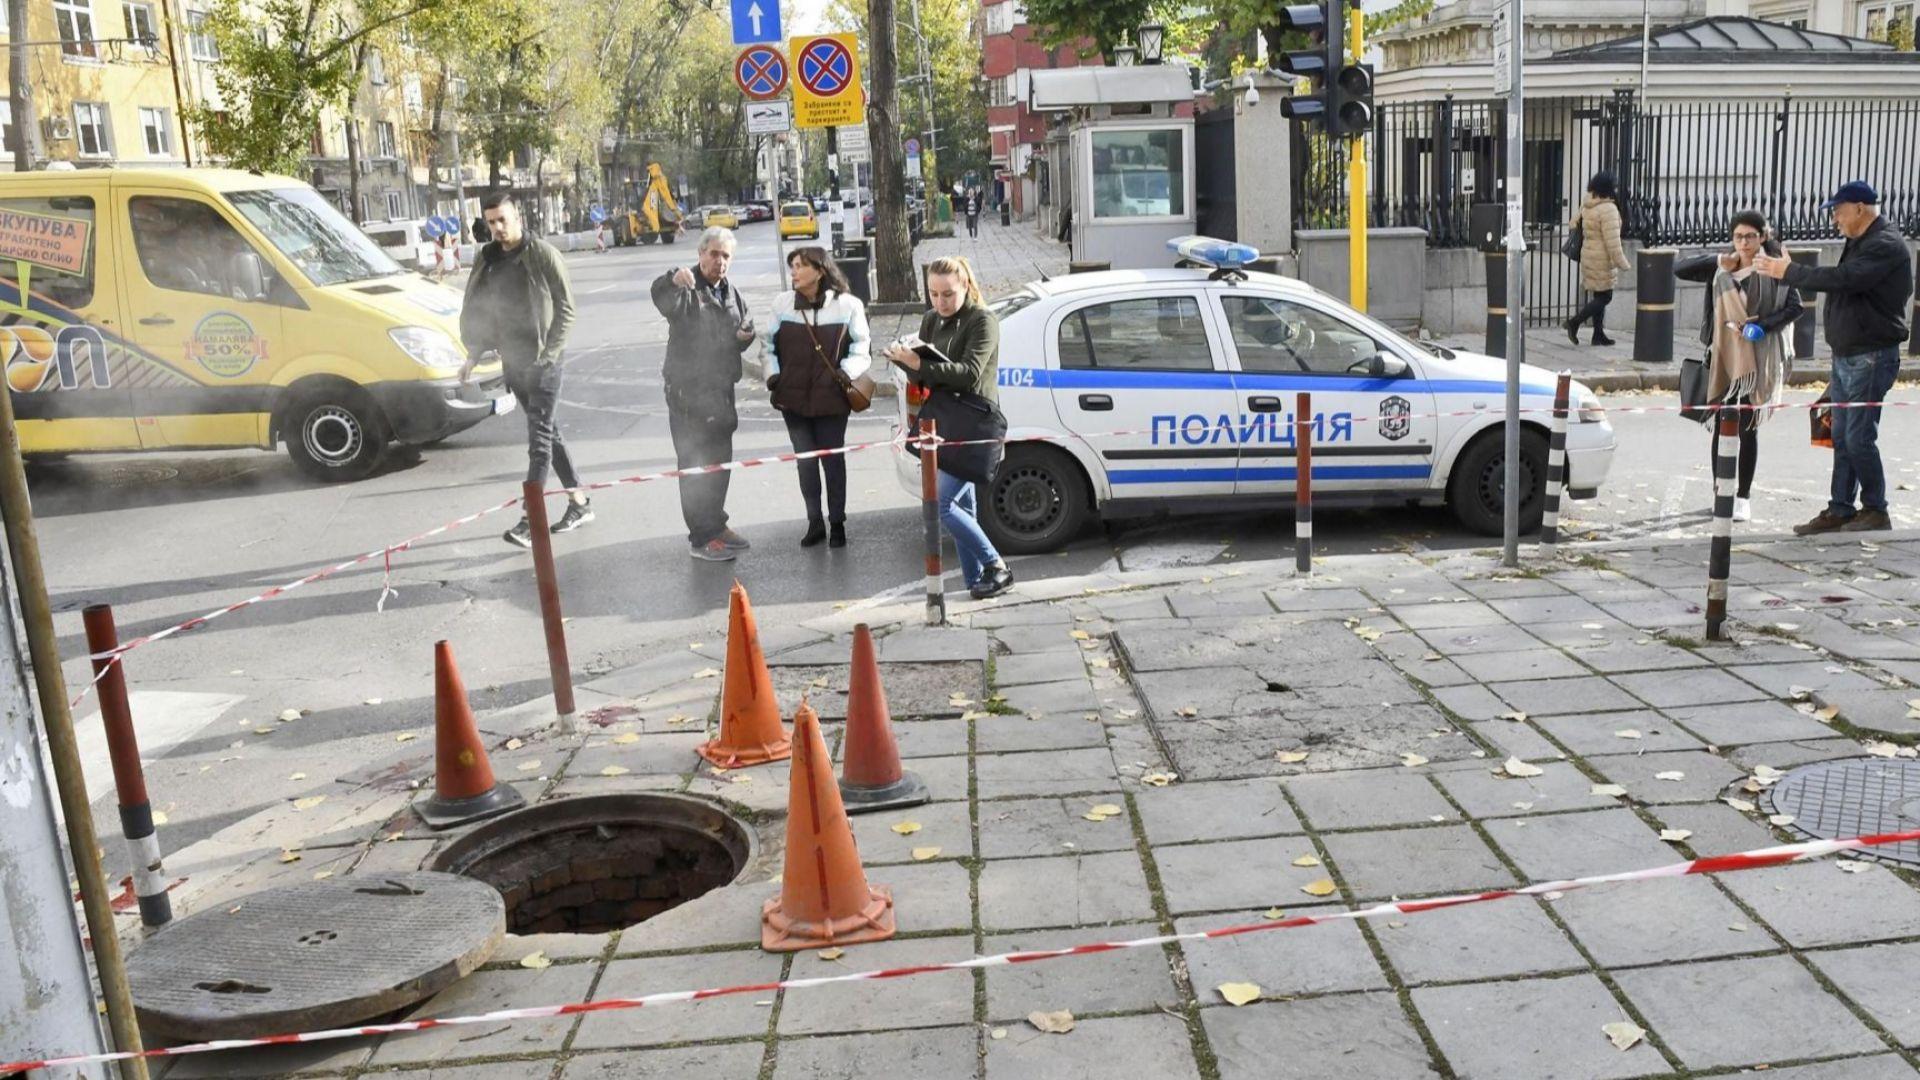 Възрастен мъж пропадна в шахта в центъра на София (обновена)